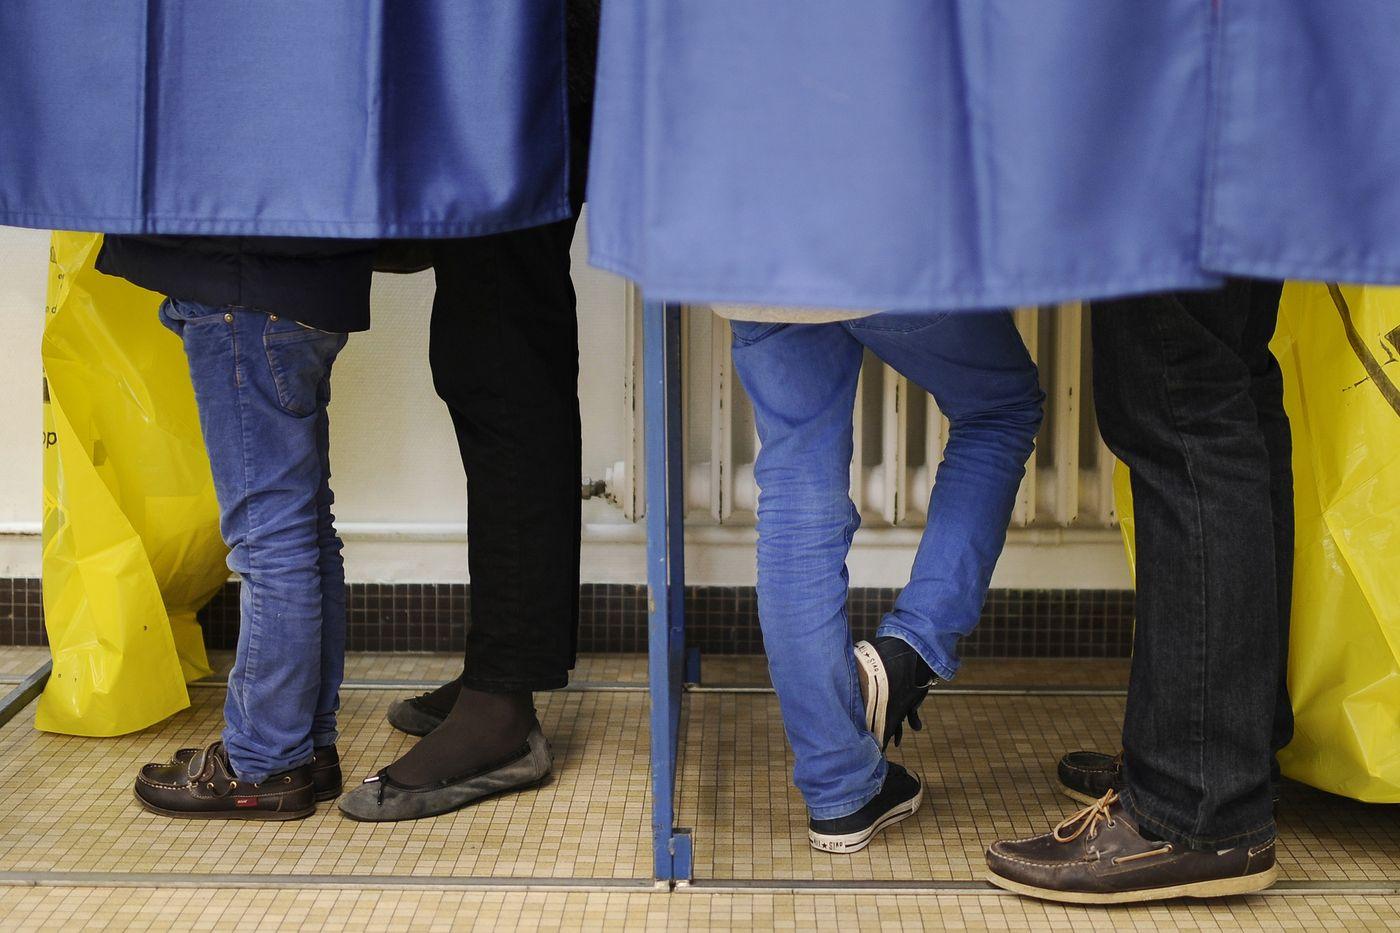 Comment parler de politique aux jeunes?